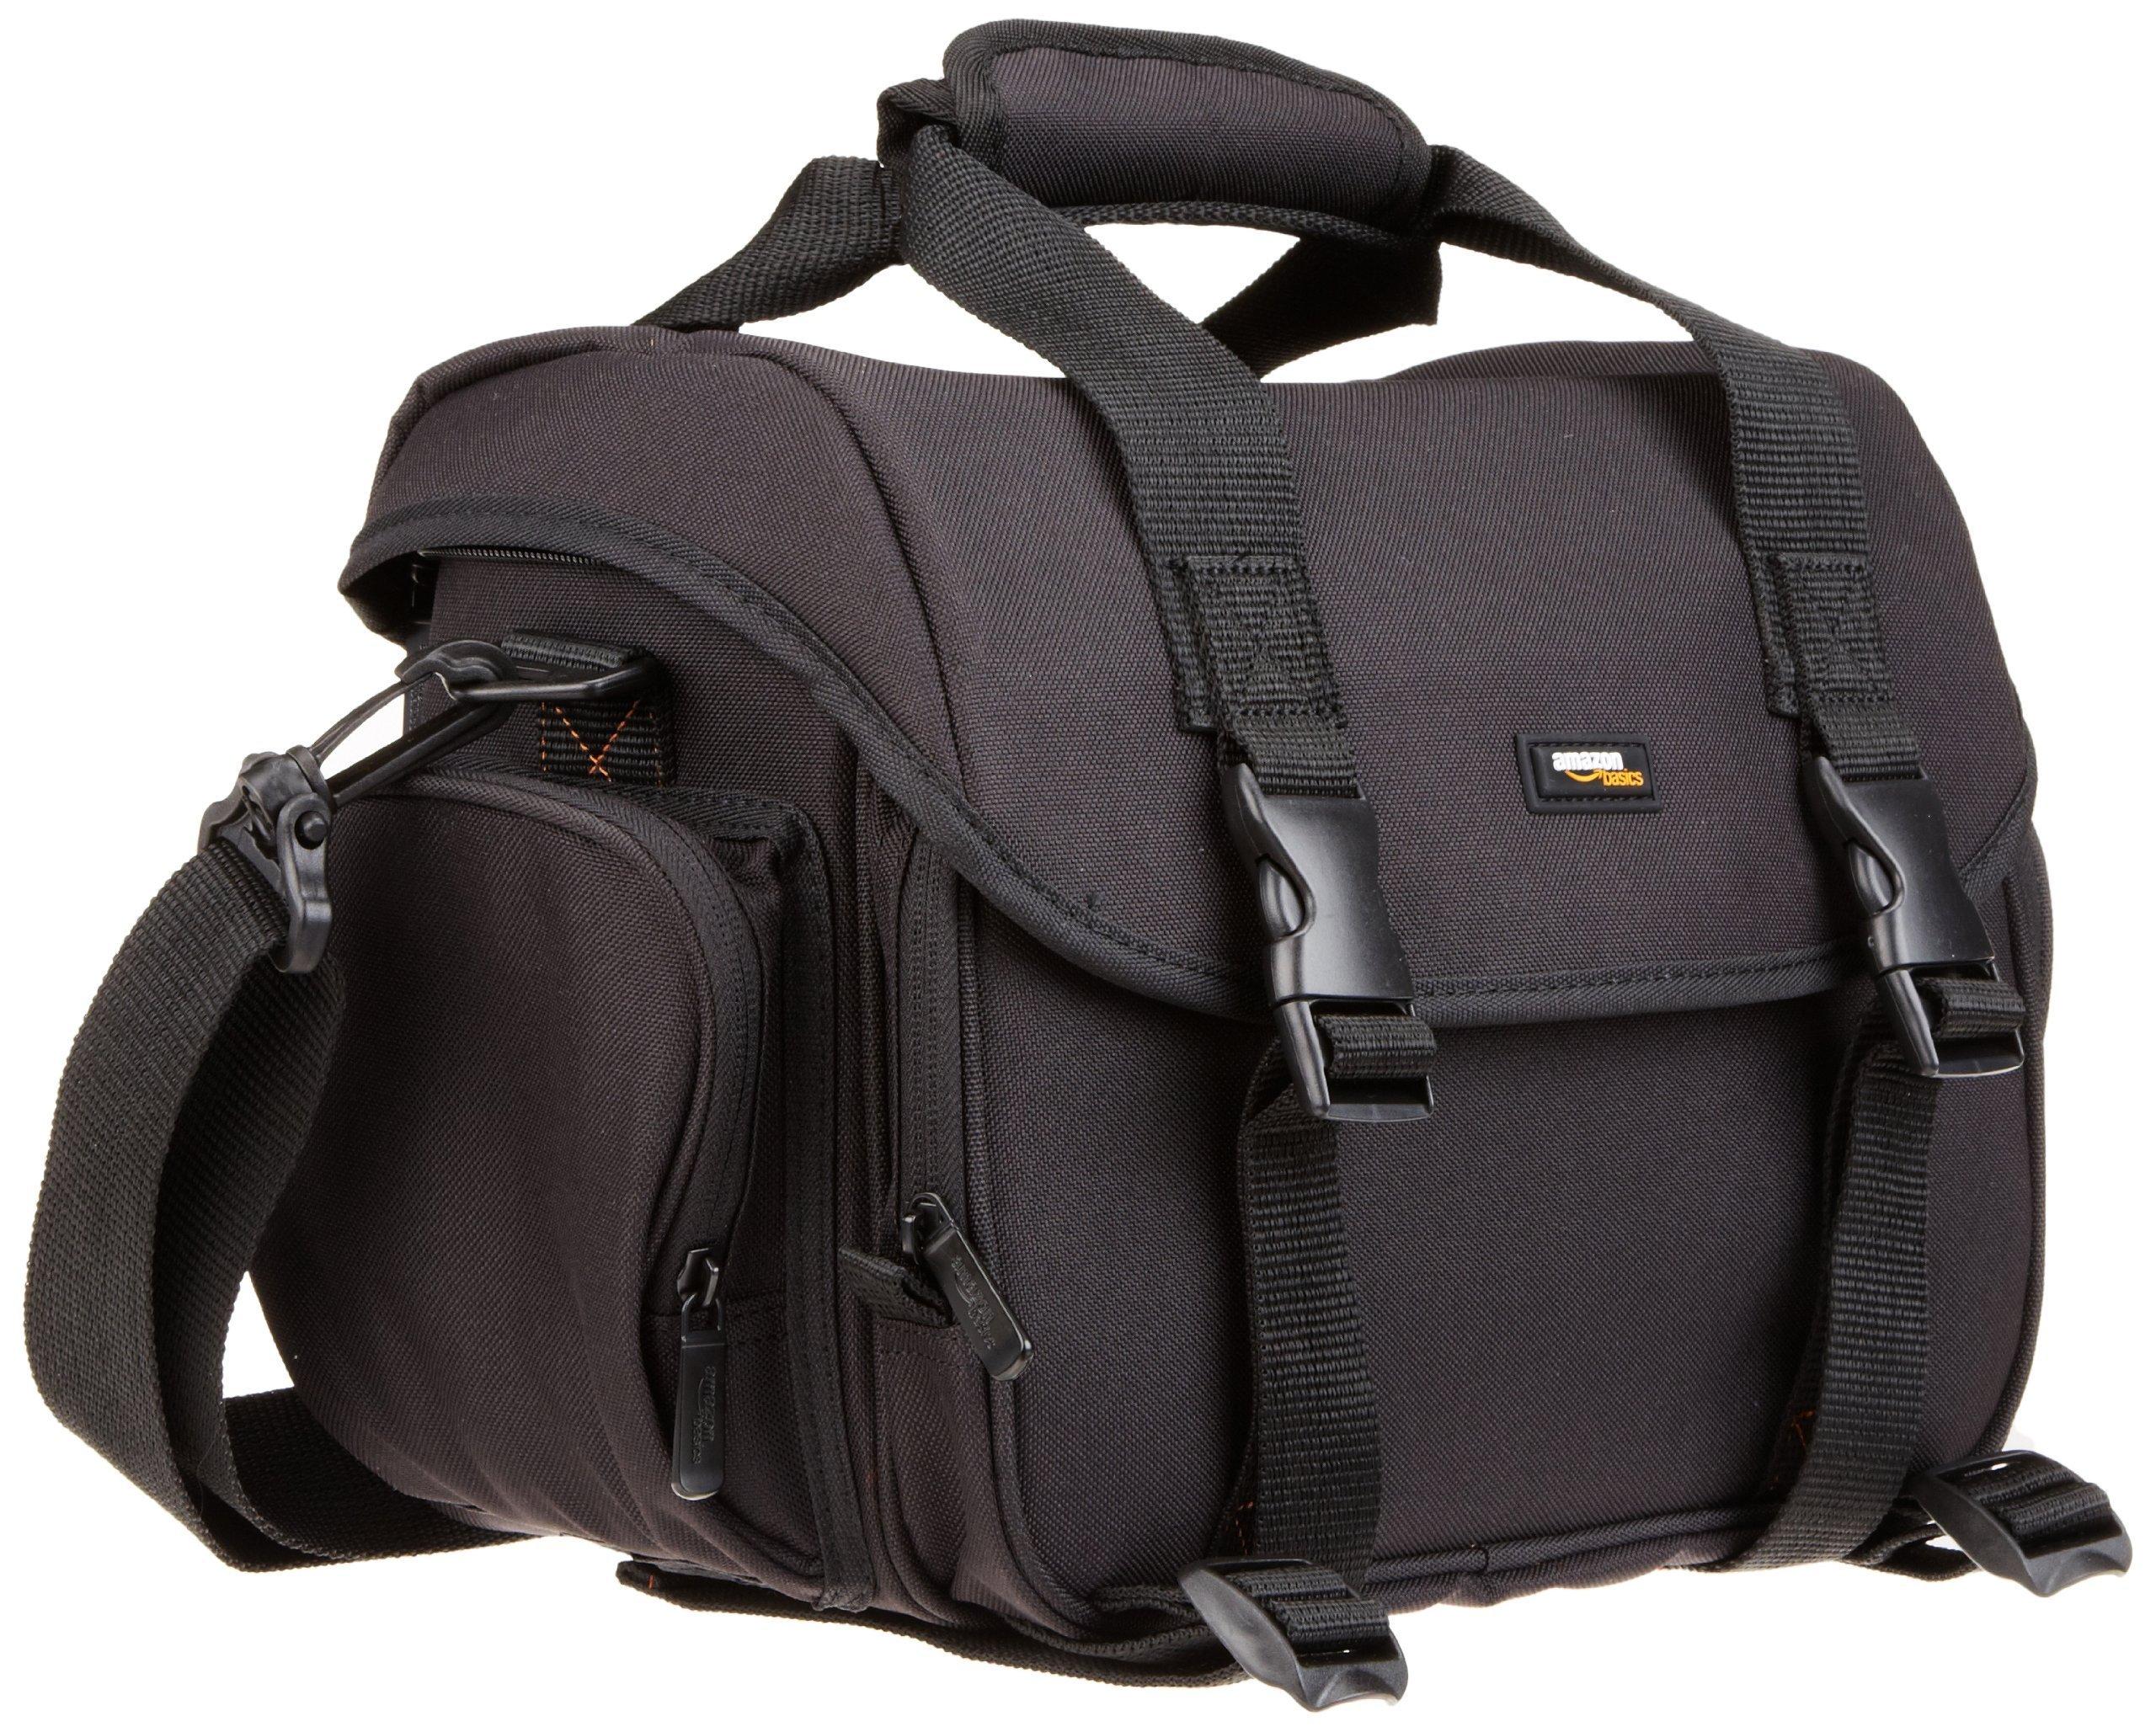 AmazonBasics Large DSLR Camera Gadget Bag - 11.5 x 6 x 8 Inches, Black And Orange by AmazonBasics